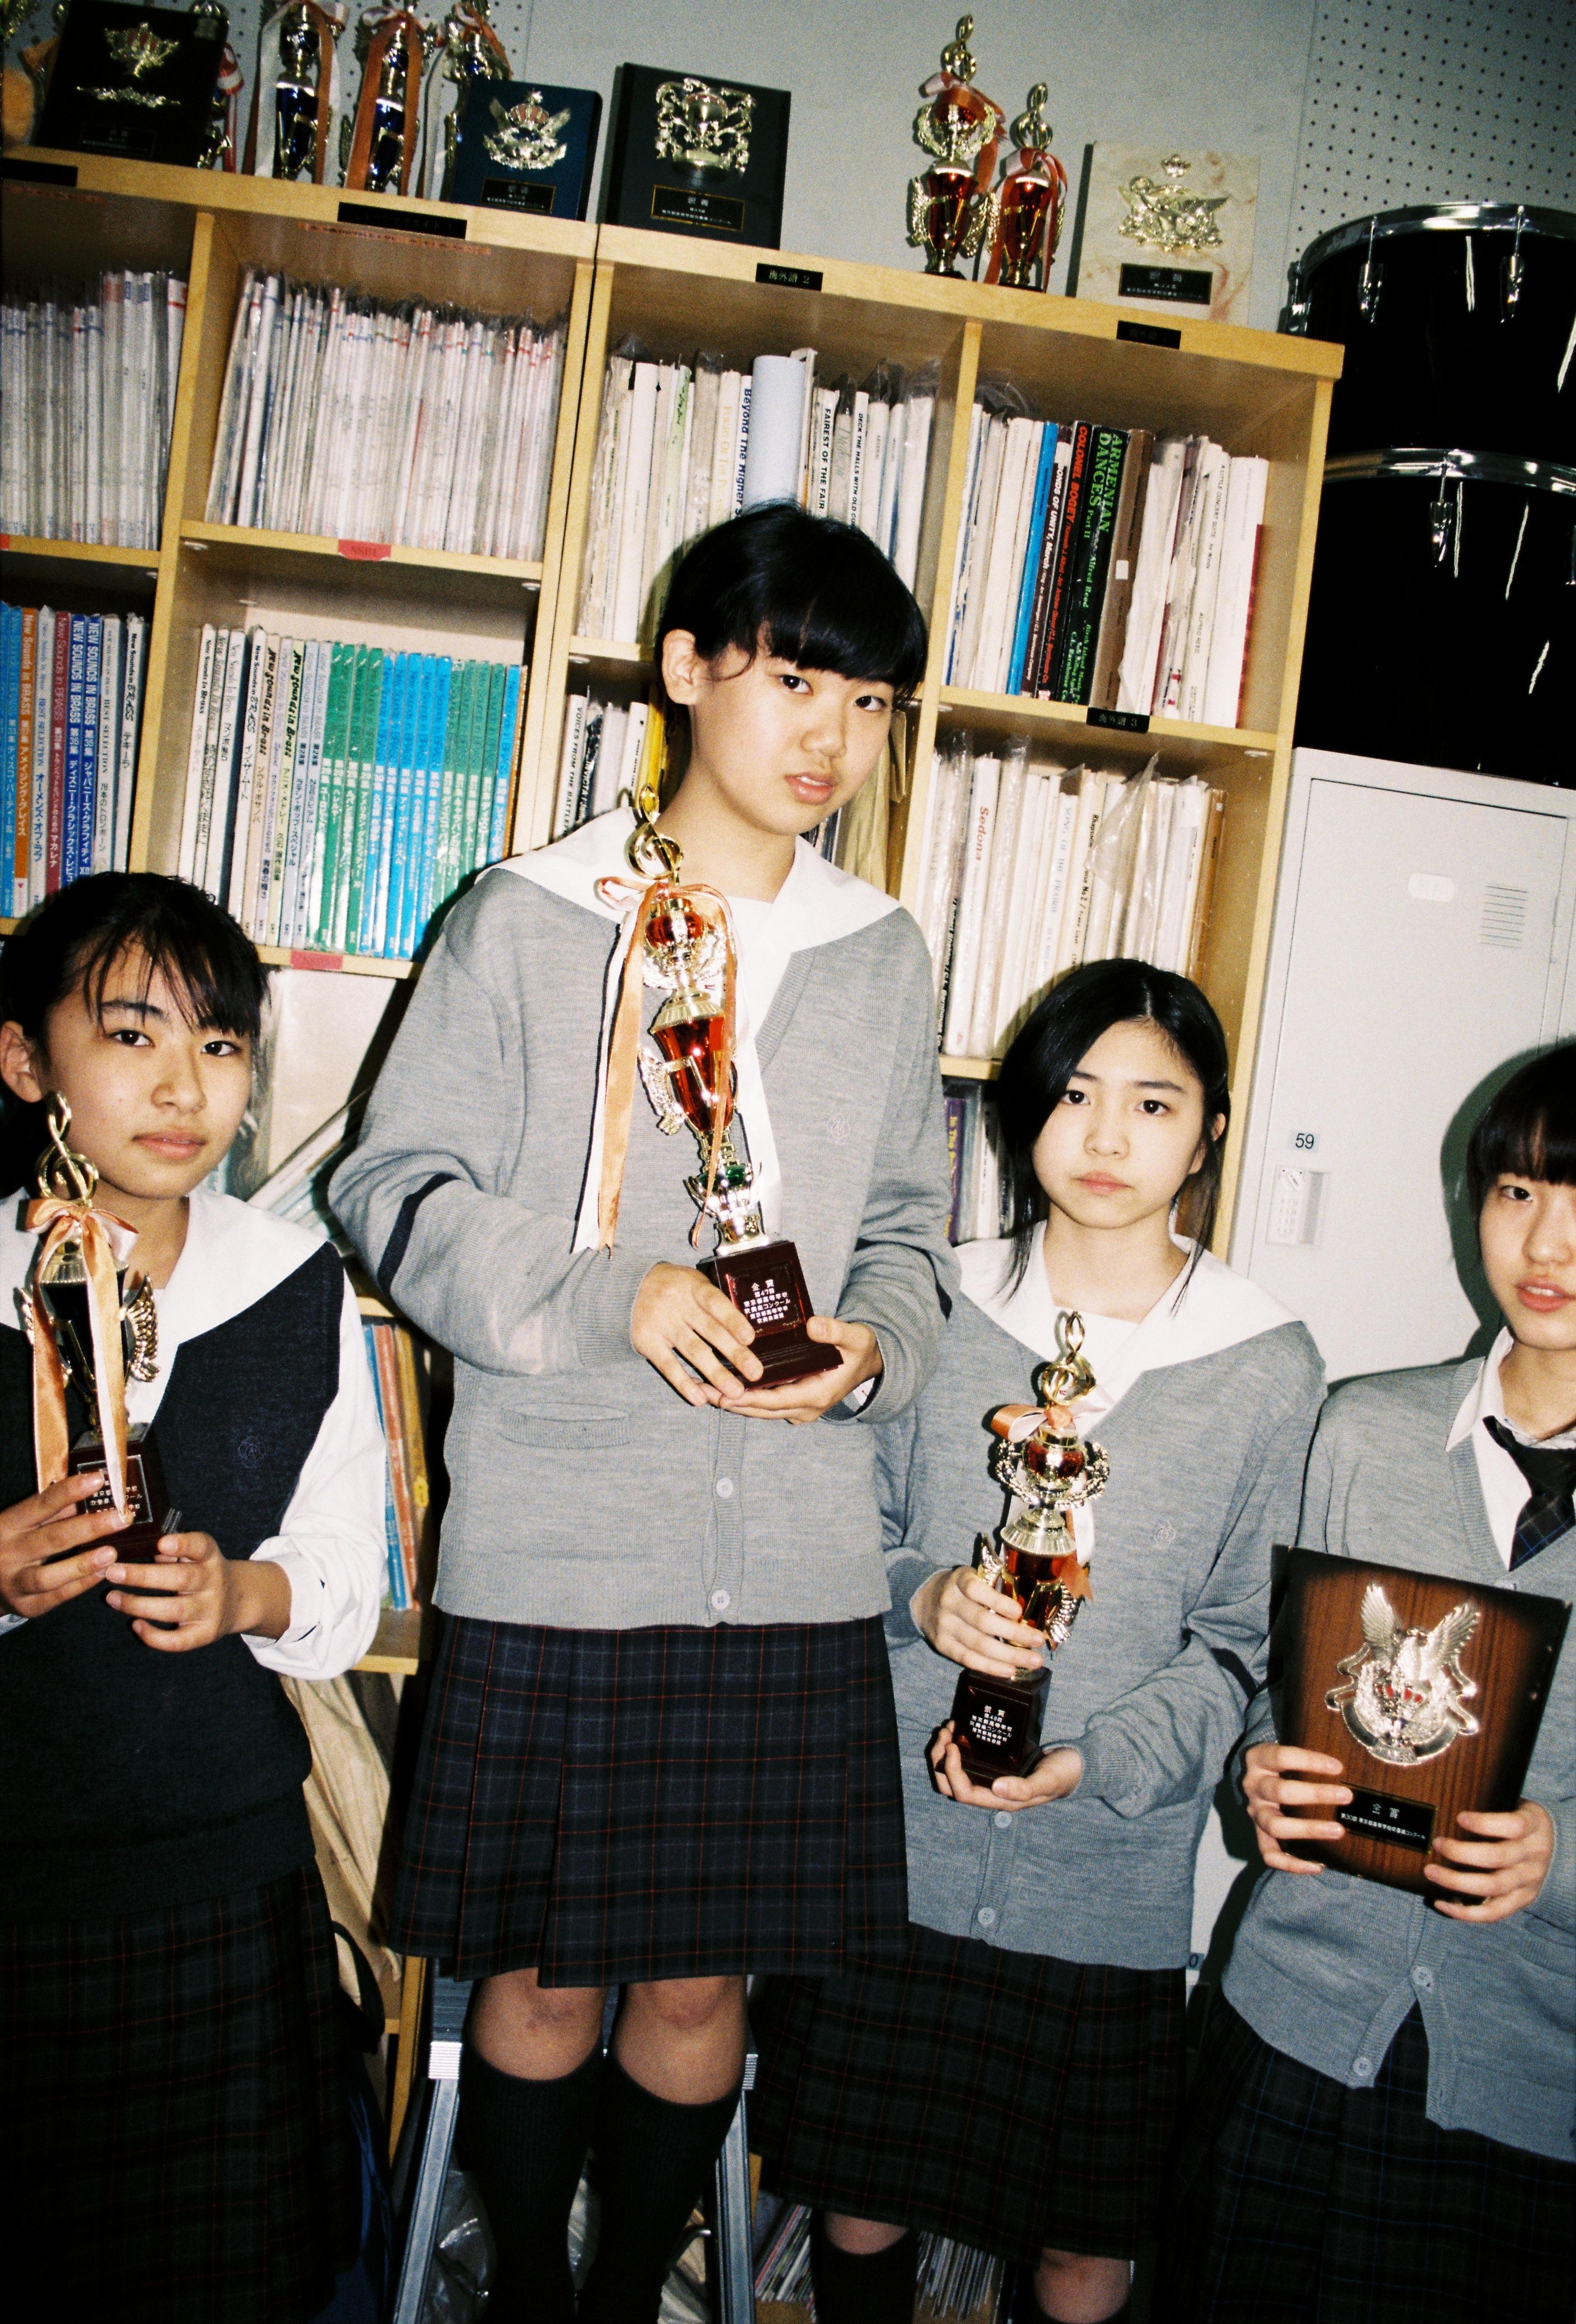 Bộ ảnh độc đáo lột tả cuộc sống nữ sinh trung học Nhật Bản những giờ phút bên ngoài giảng đường - Ảnh 5.